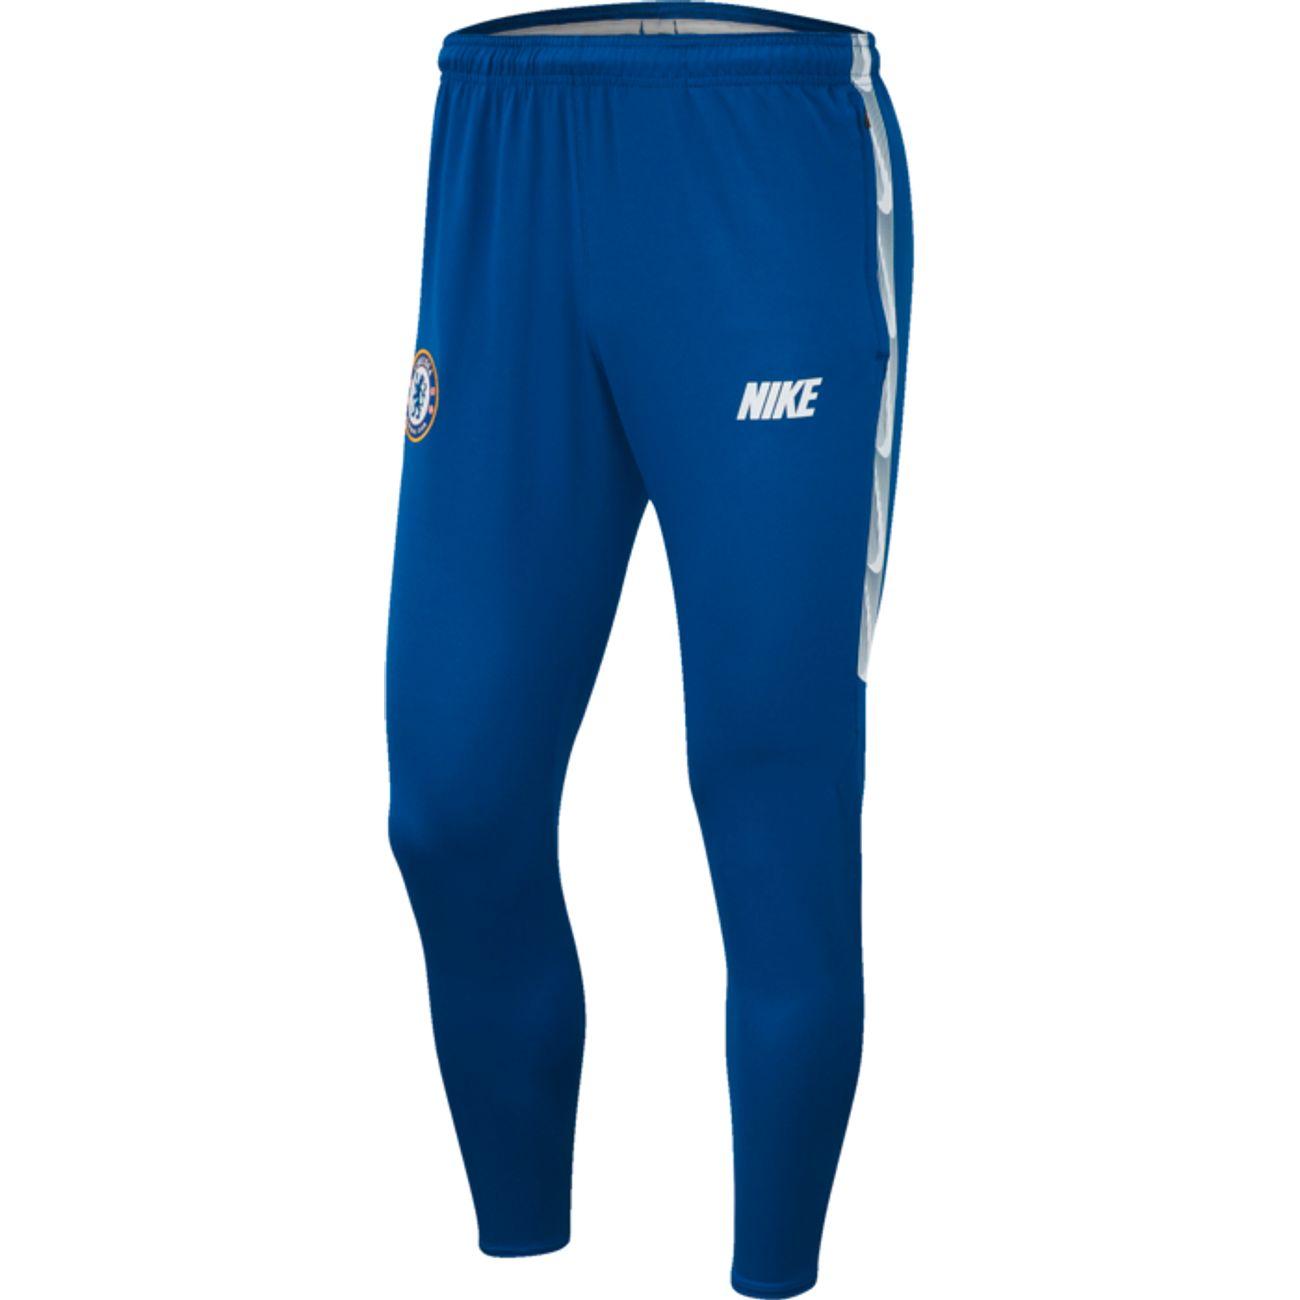 Pantalon junior Chelsea FC – Soldes et achat pas cher GO Sport